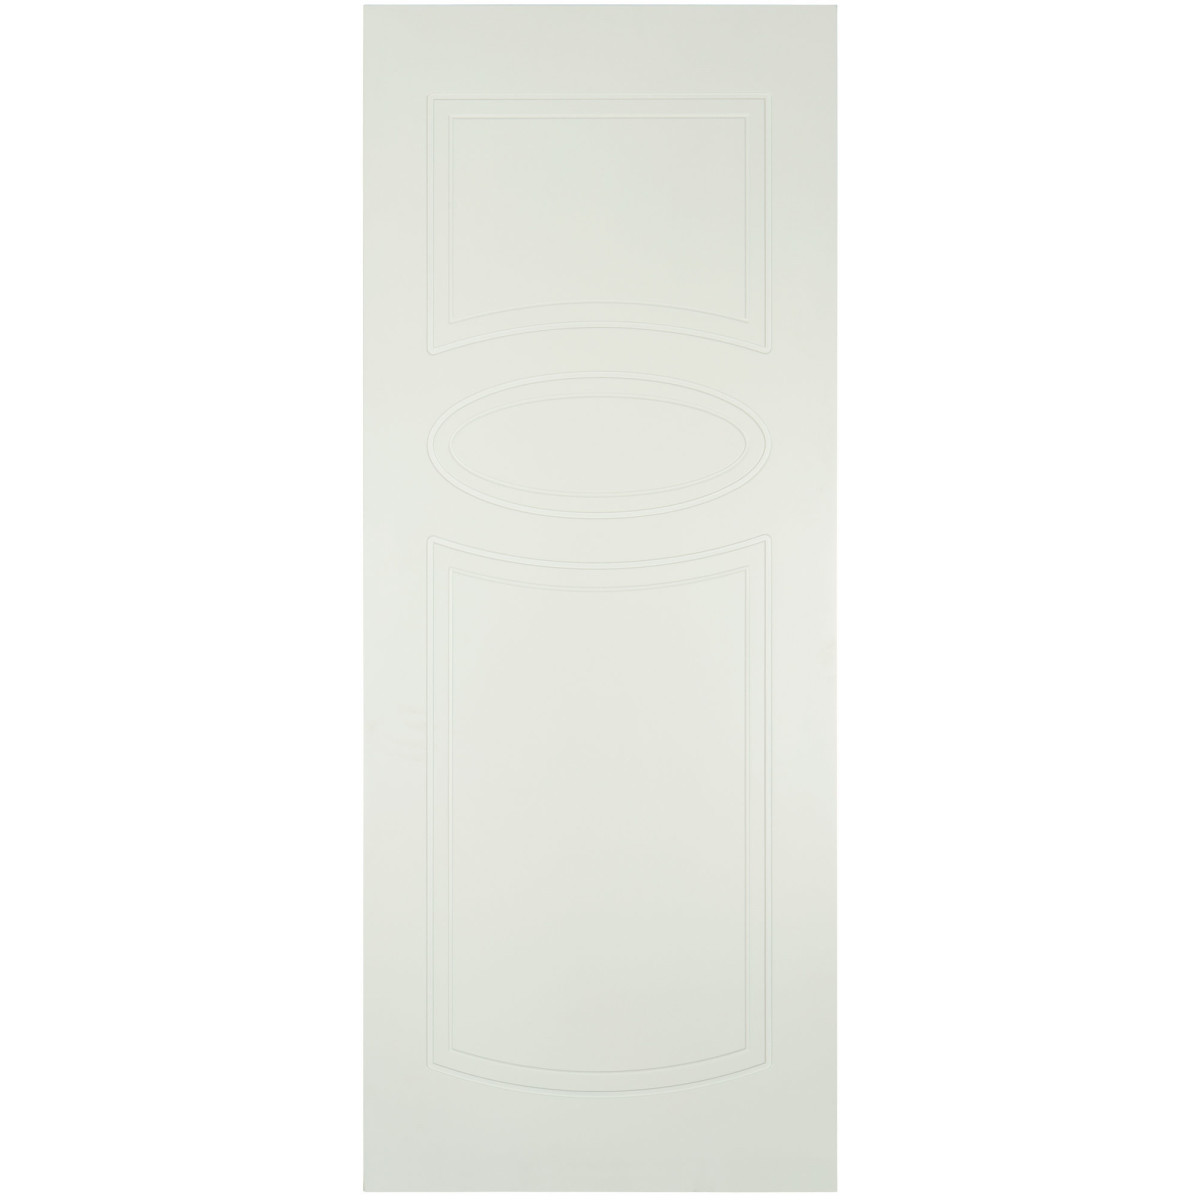 Дверь Межкомнатная Глухая Аккорд 80x200 Эмаль Цвет Белый